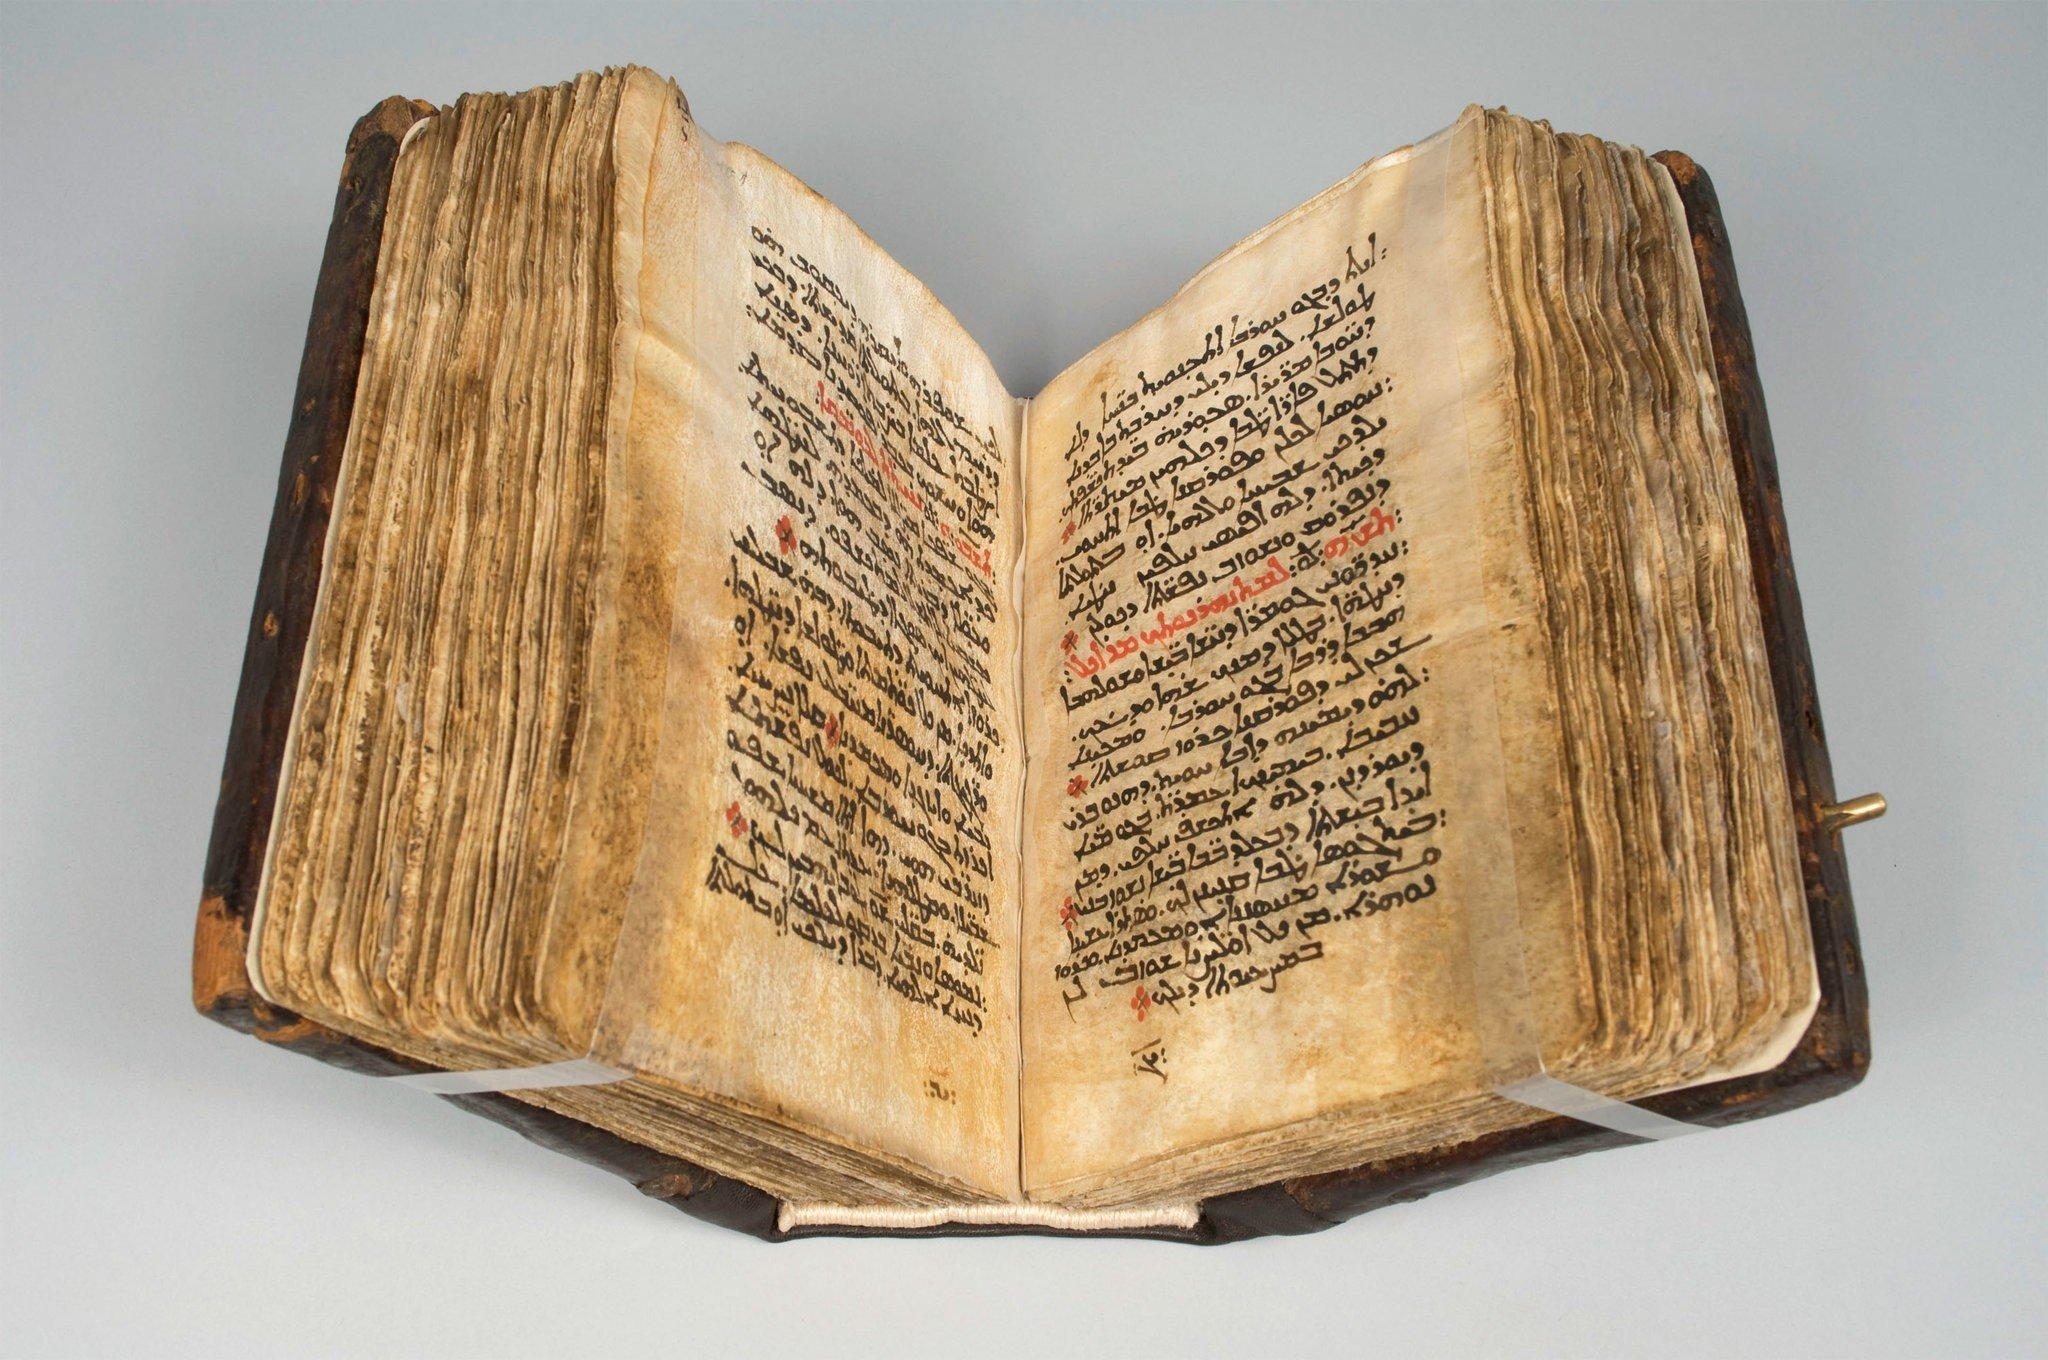 Medicine's Hidden Roots in an Ancient Manuscript